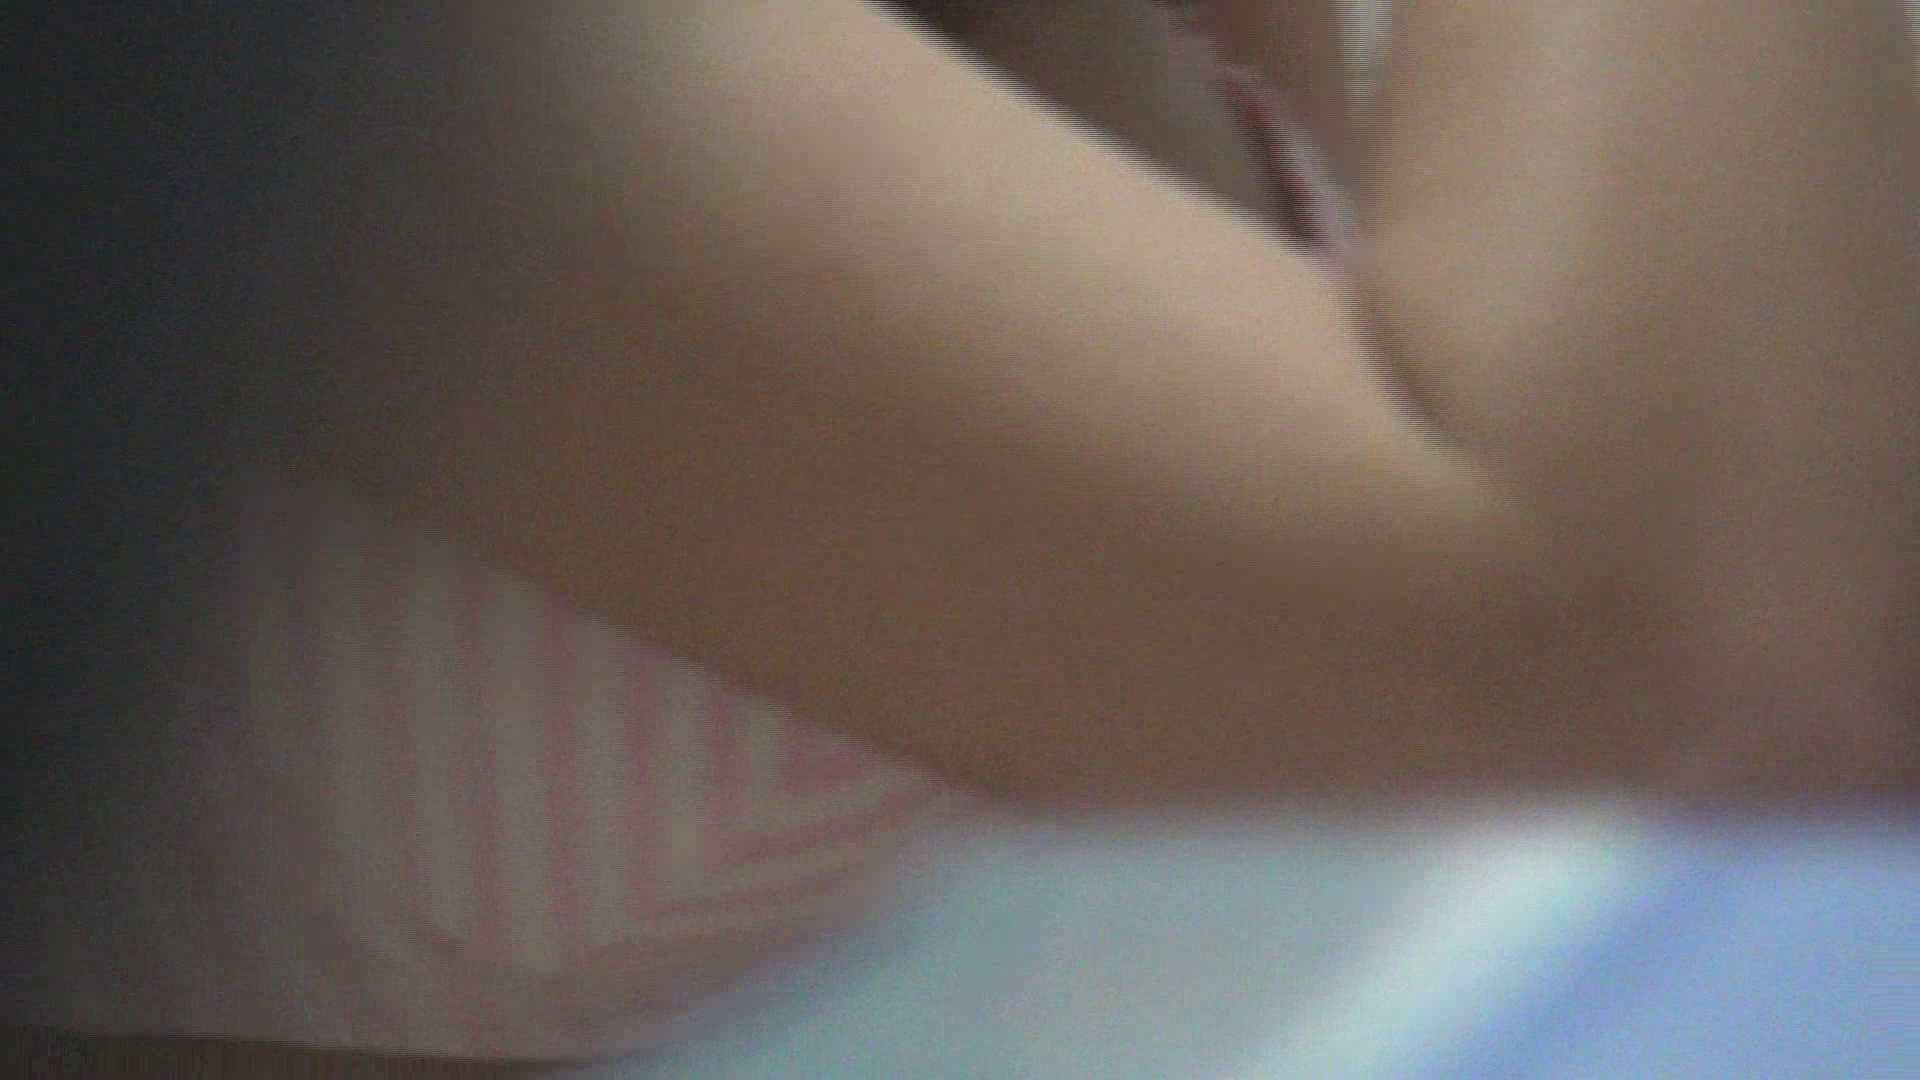 【05】仕事が忙しくて・・・久しぶりにベランダで待ち伏せ 盗撮師作品 ワレメ無修正動画無料 94pic 37